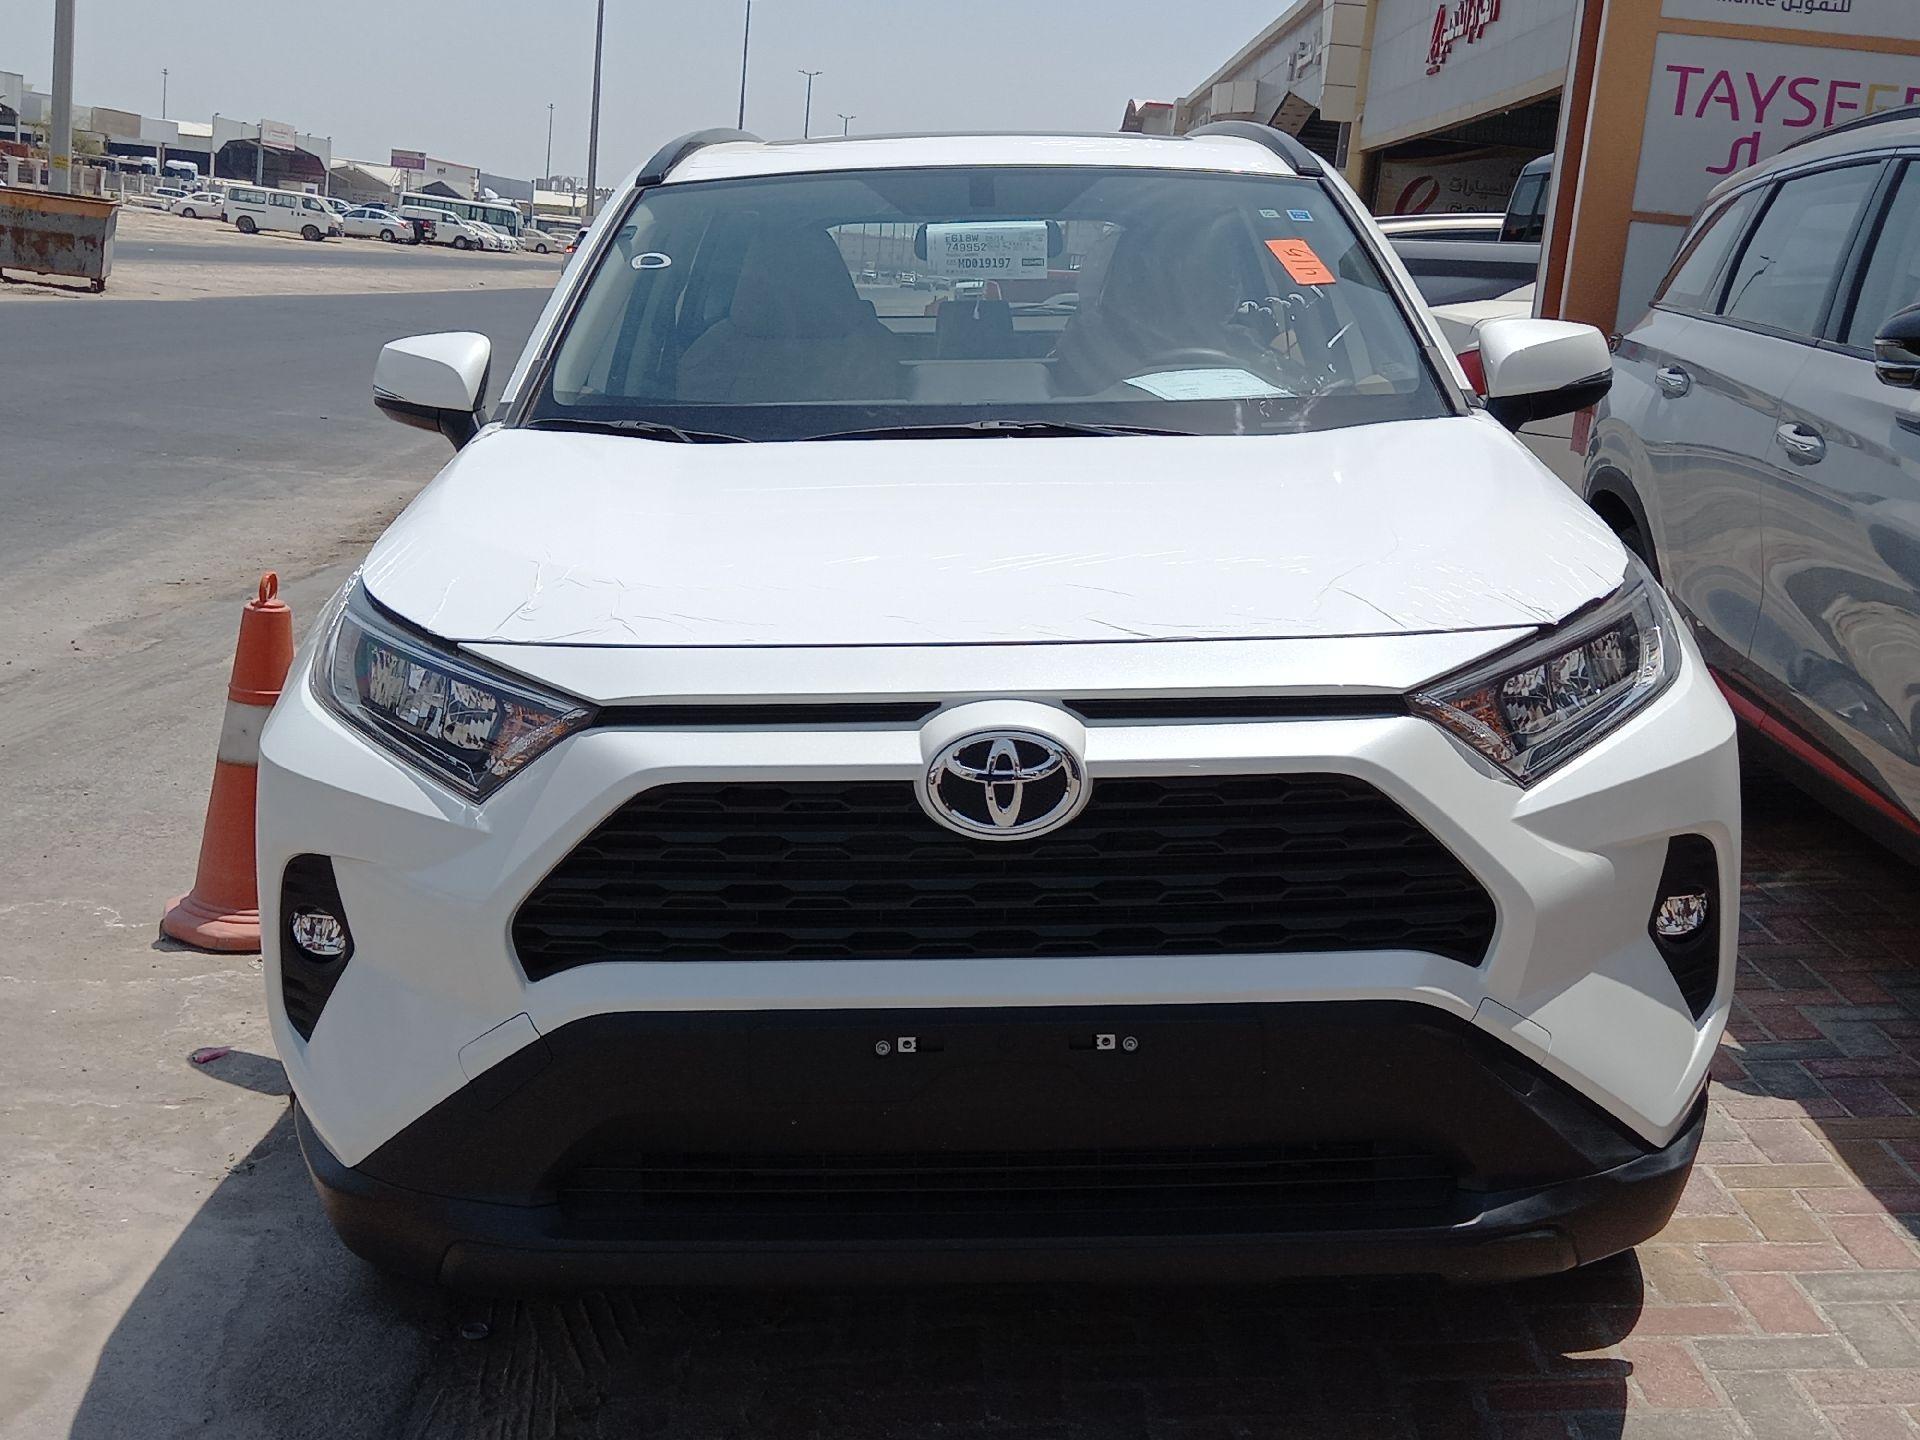 تويوتا راف فور 4WD XLE فل  2021 دبل سعودي جديد للبيع في الدمام - السعودية - صورة كبيرة - 5